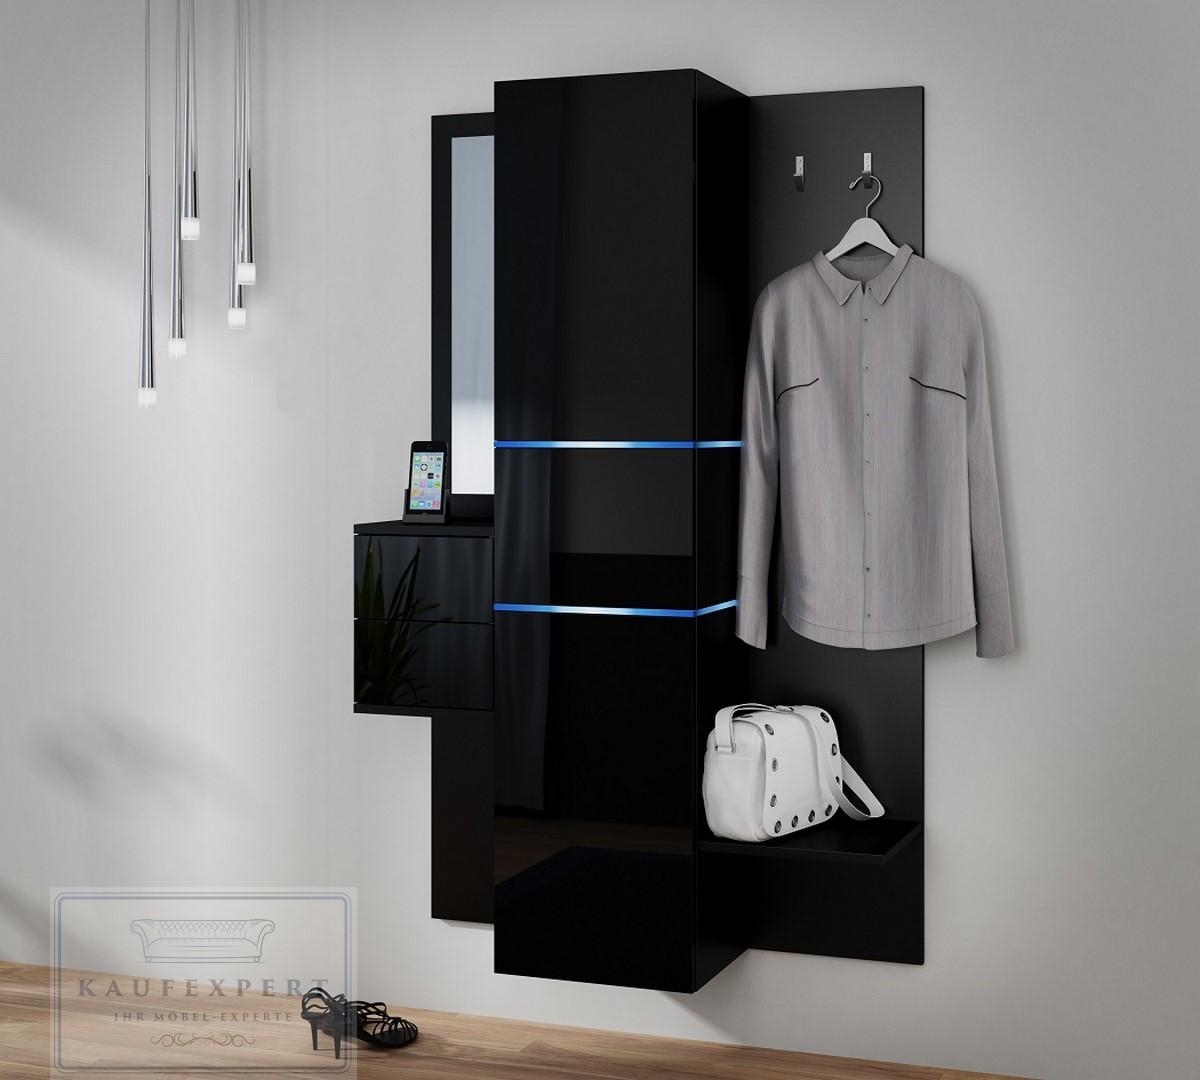 kaufexpert sofort garderobe camino schwarz hochglanz mit spiegel und griffe led beleuchtung. Black Bedroom Furniture Sets. Home Design Ideas